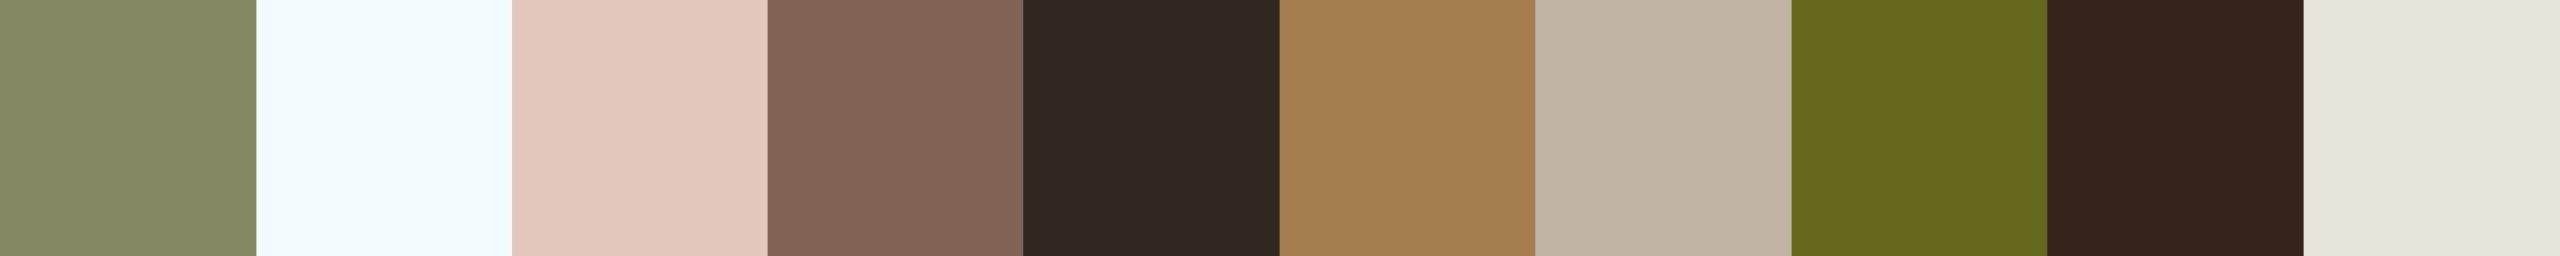 704 Macrapa Color Palette